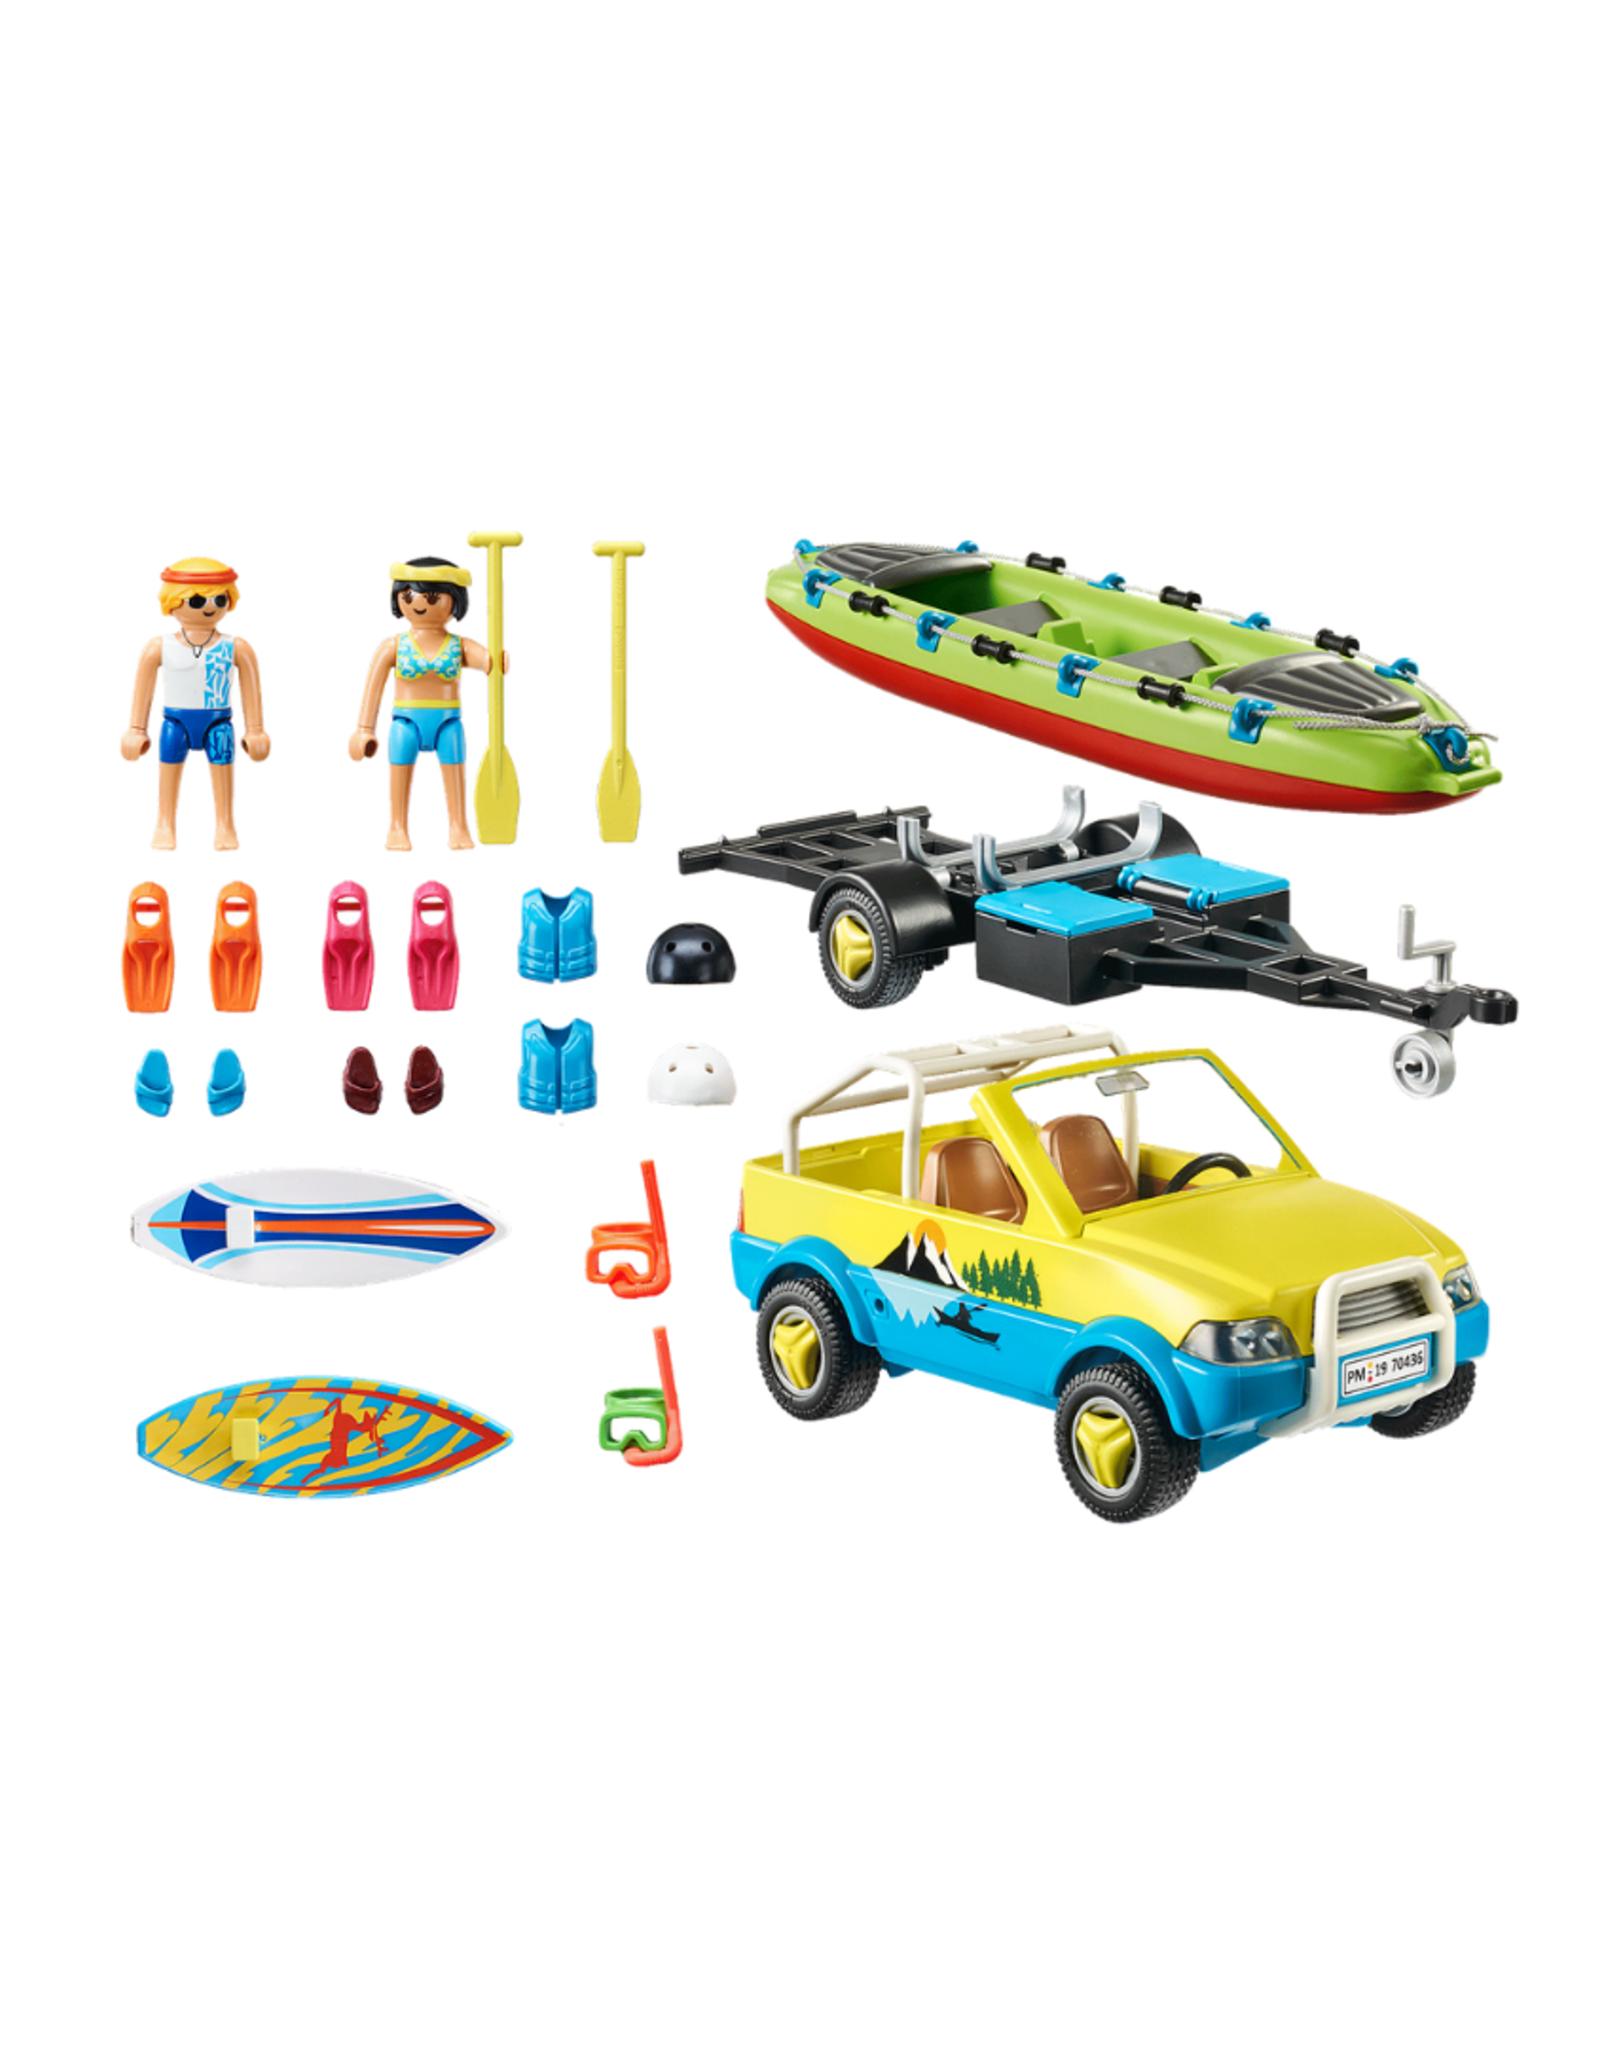 Playmobil PM - Beach Car with Canoe